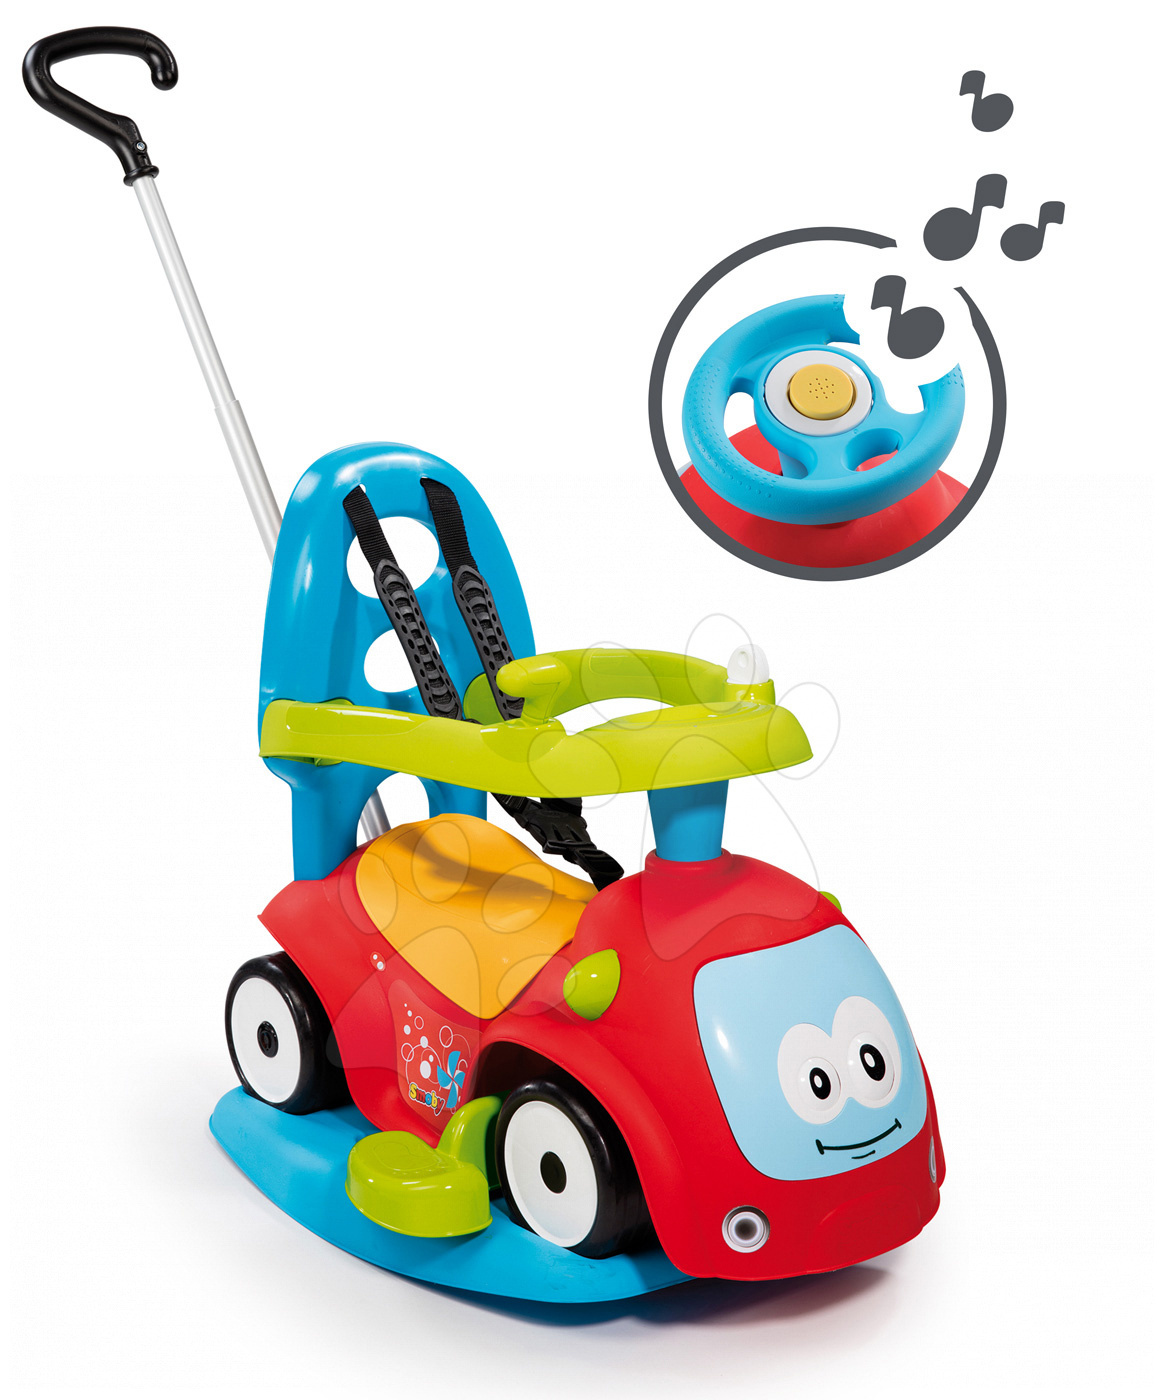 Babytaxiu cu leagăn Maestro II Balade Smoby cu volan electronic roşu-albastru de la 6 luni